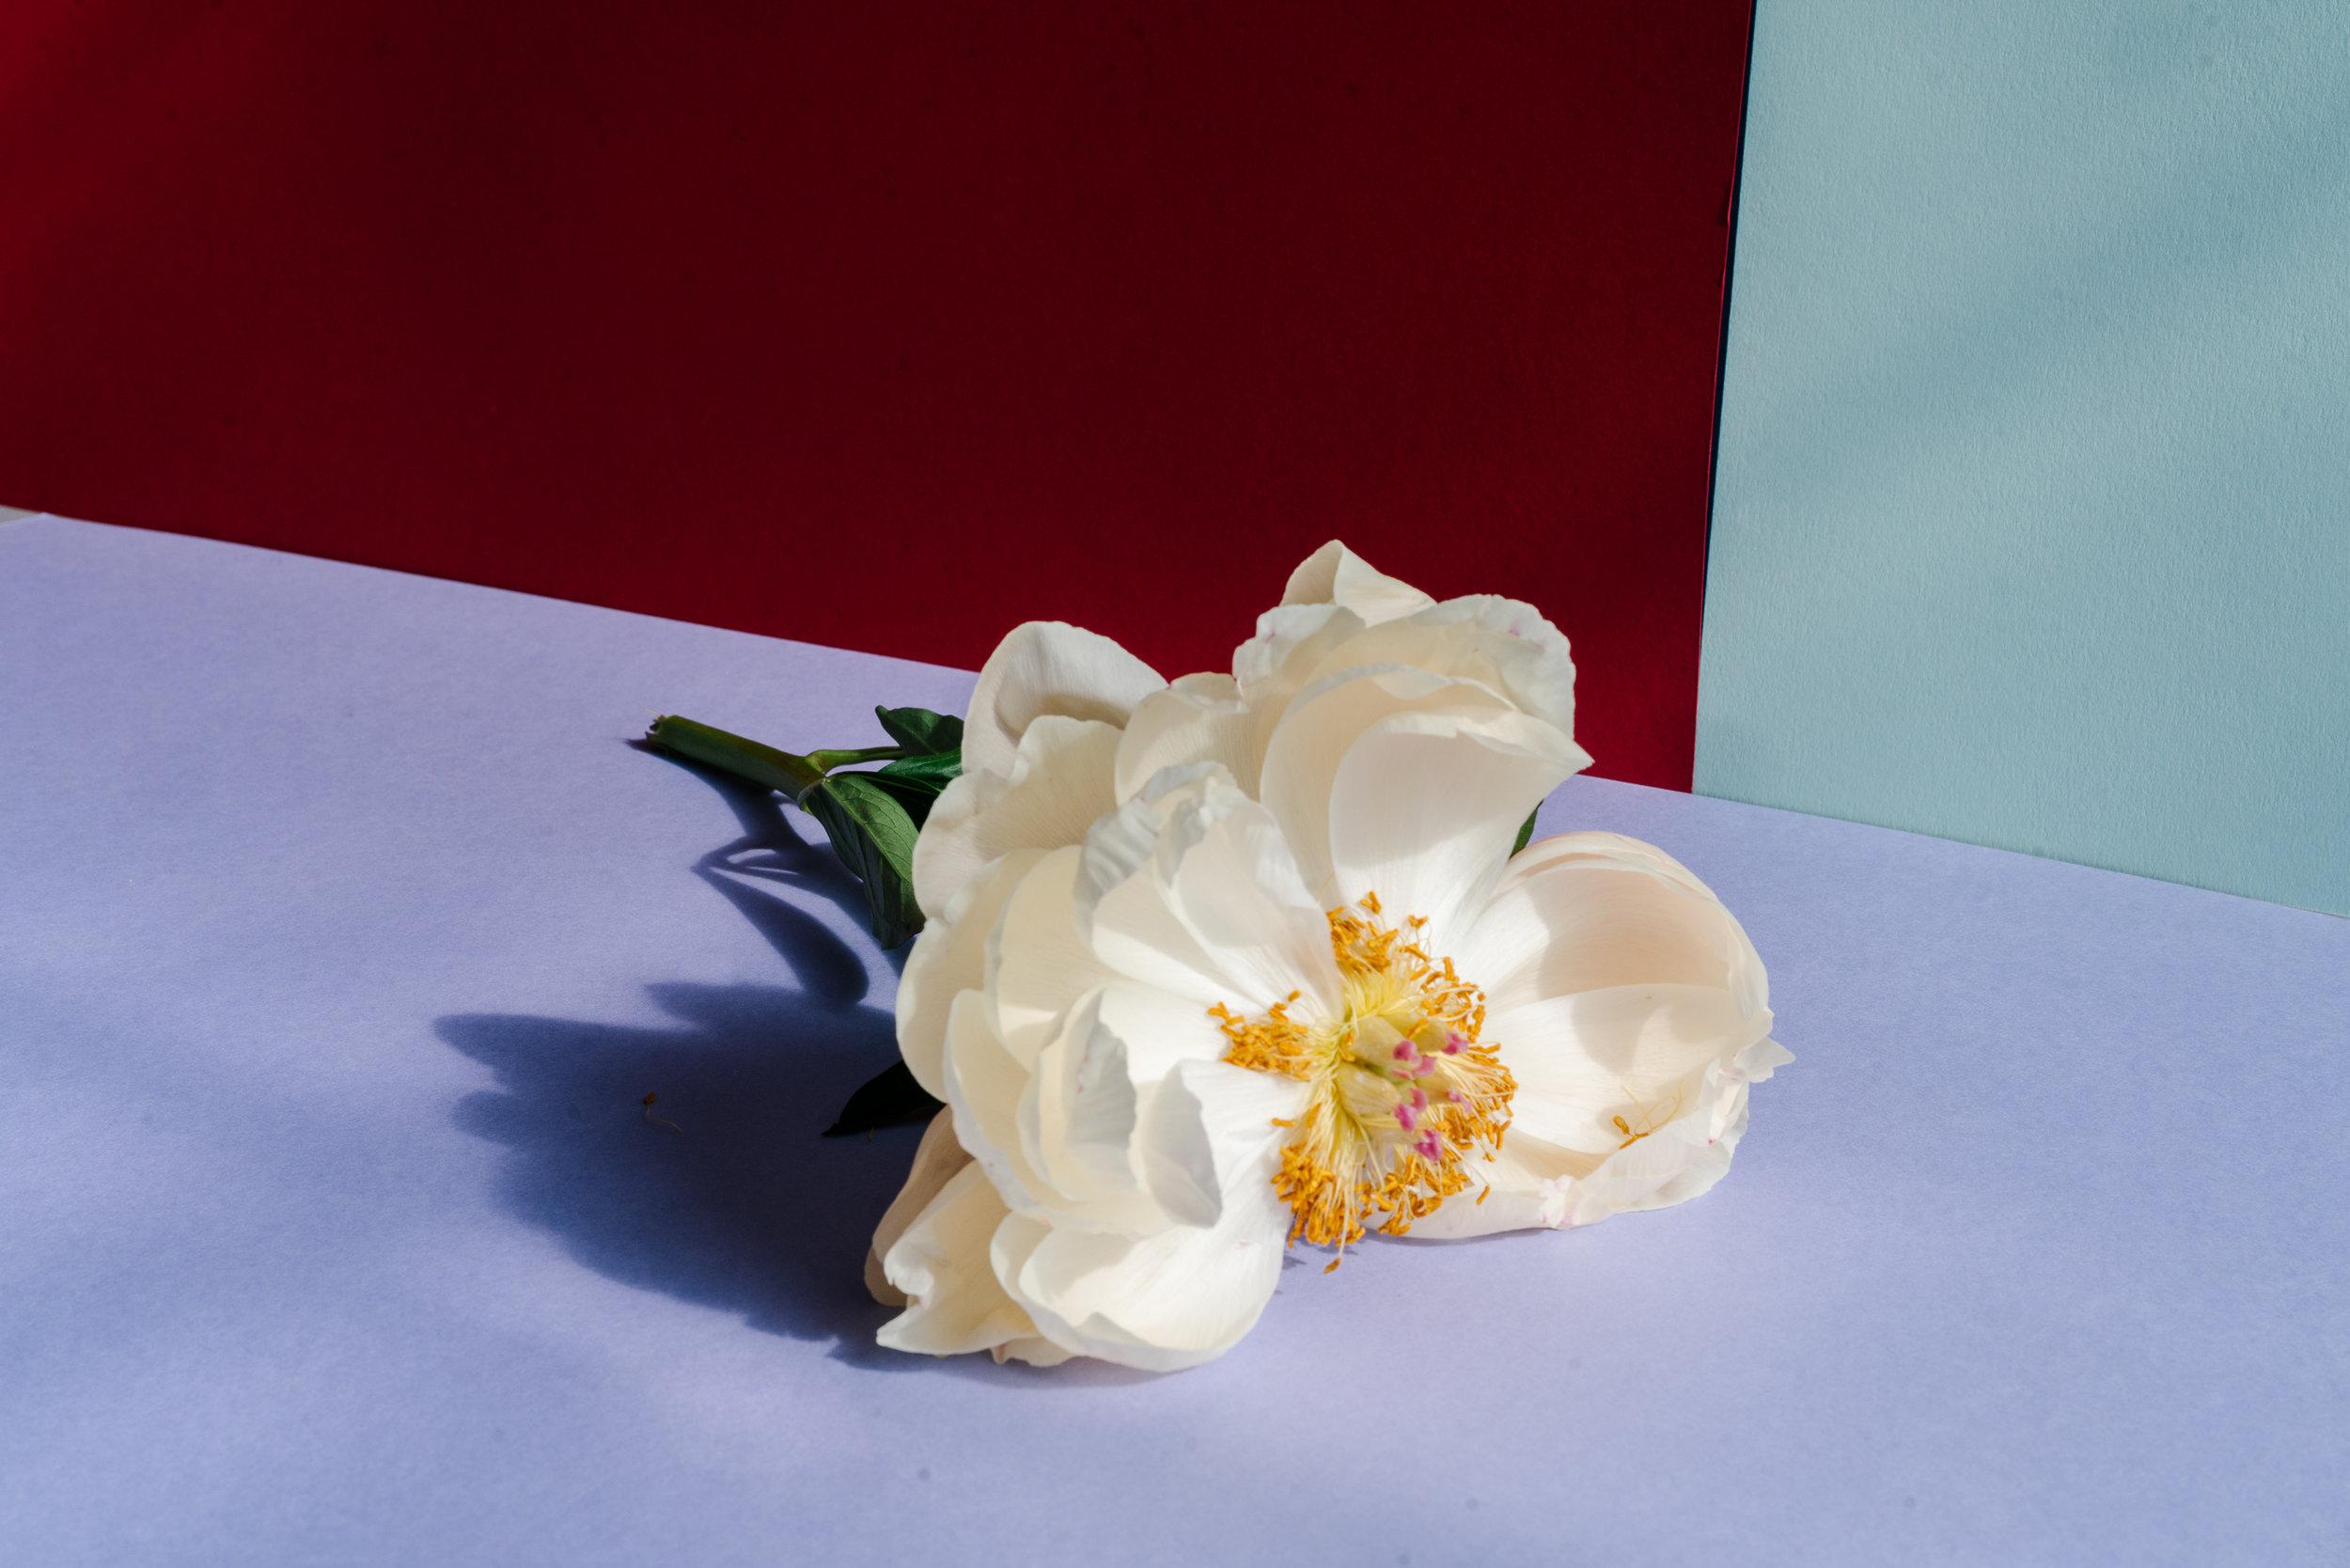 Flowers-02066.jpg